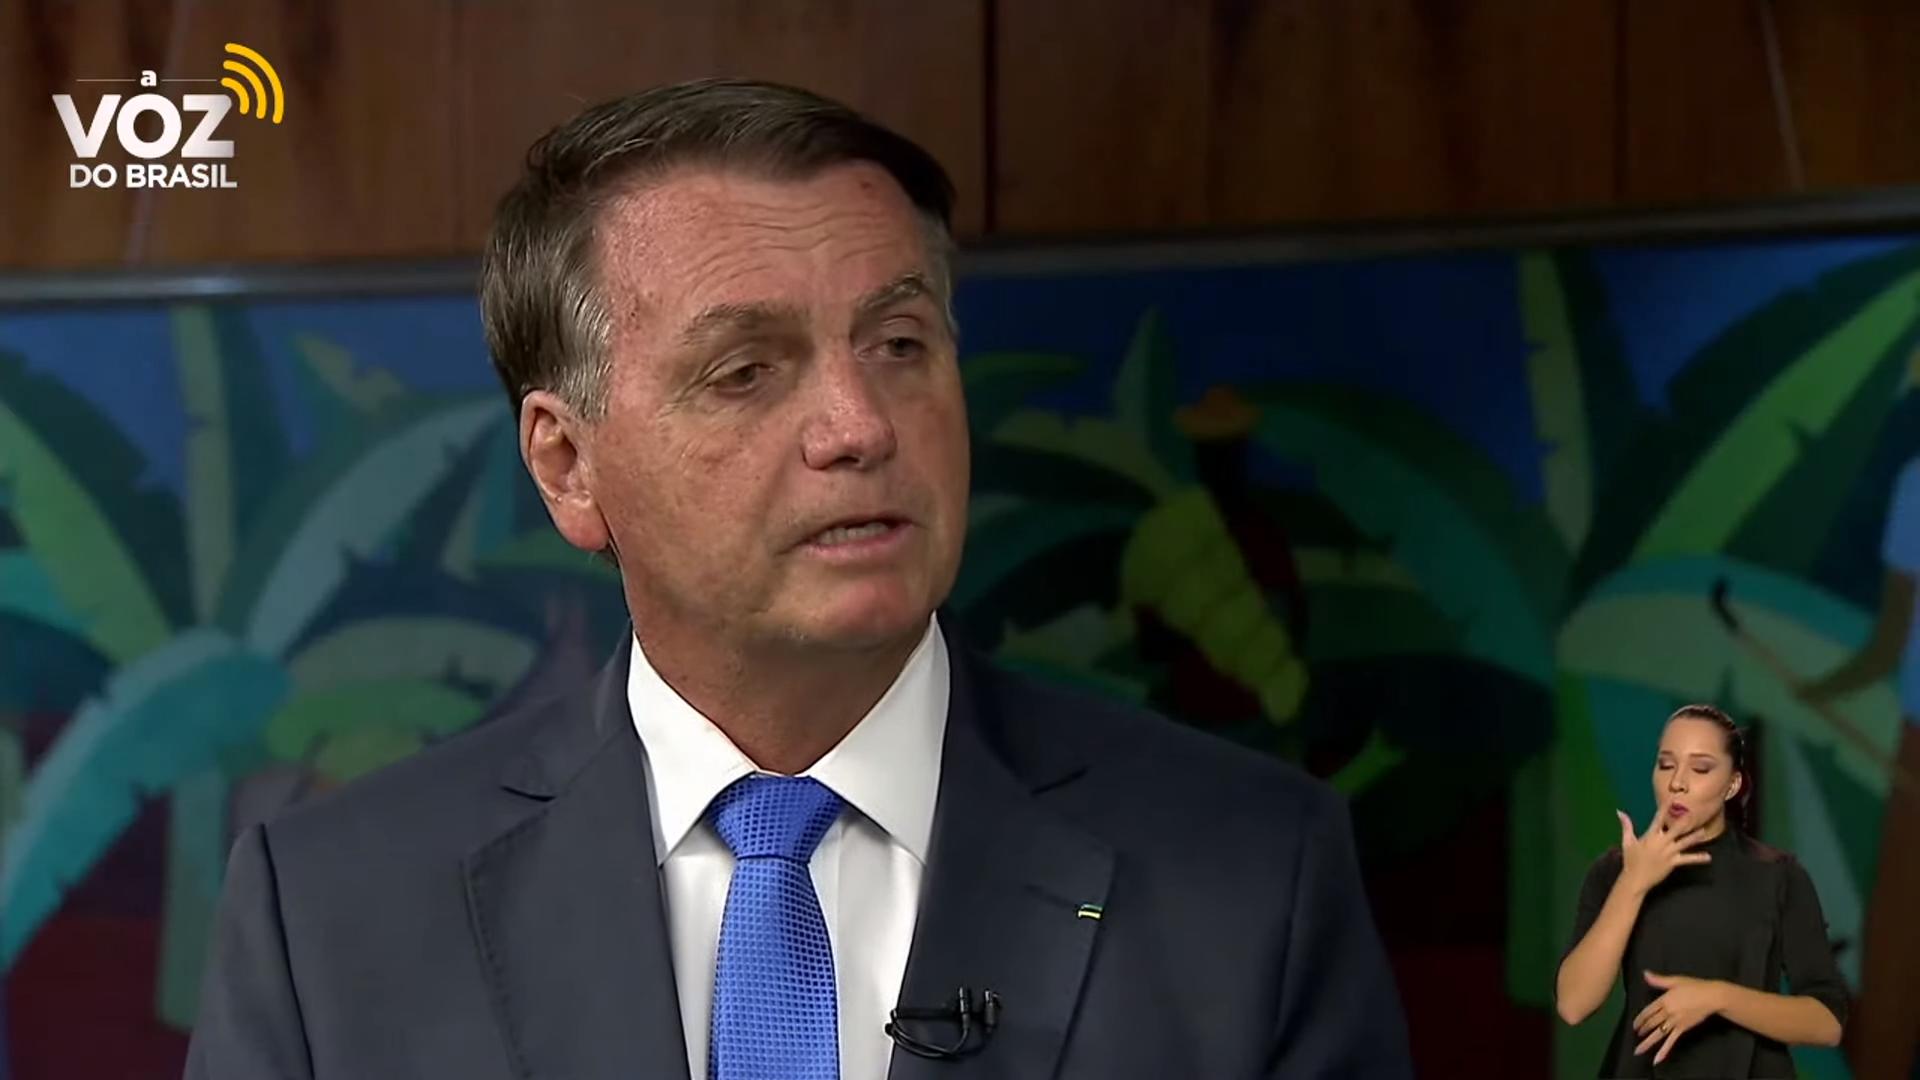 IMAGEM: Os amigos de Bolsonaro